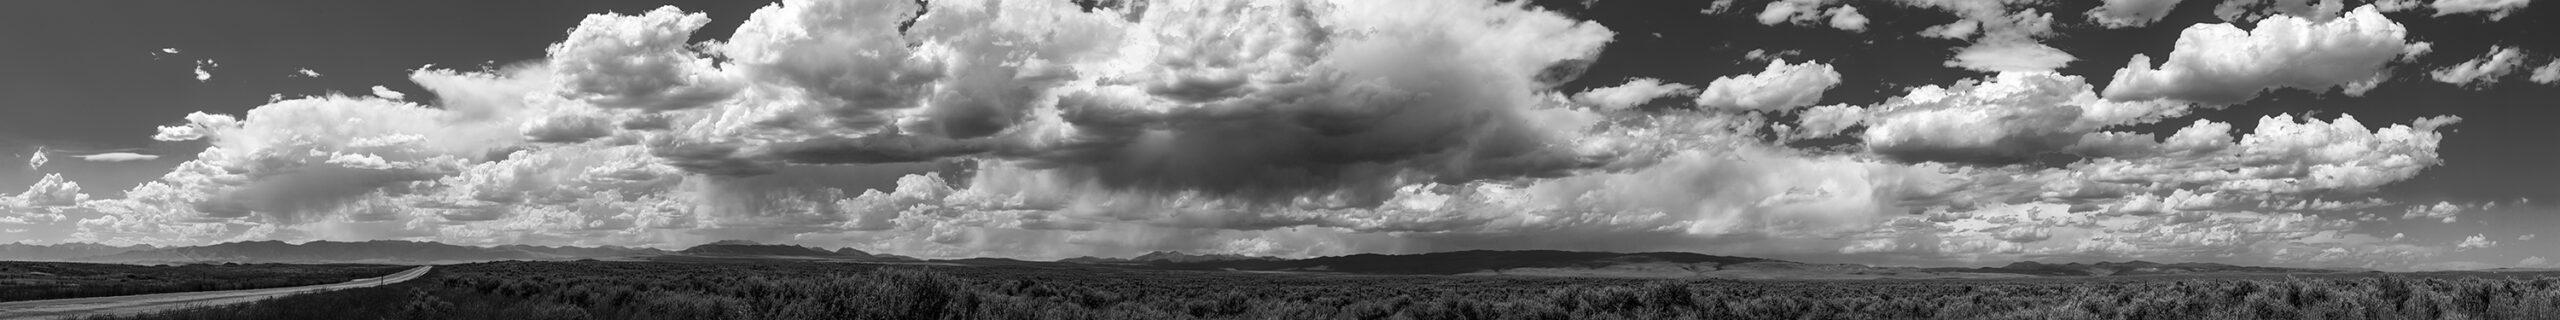 Utah Clouds B&W